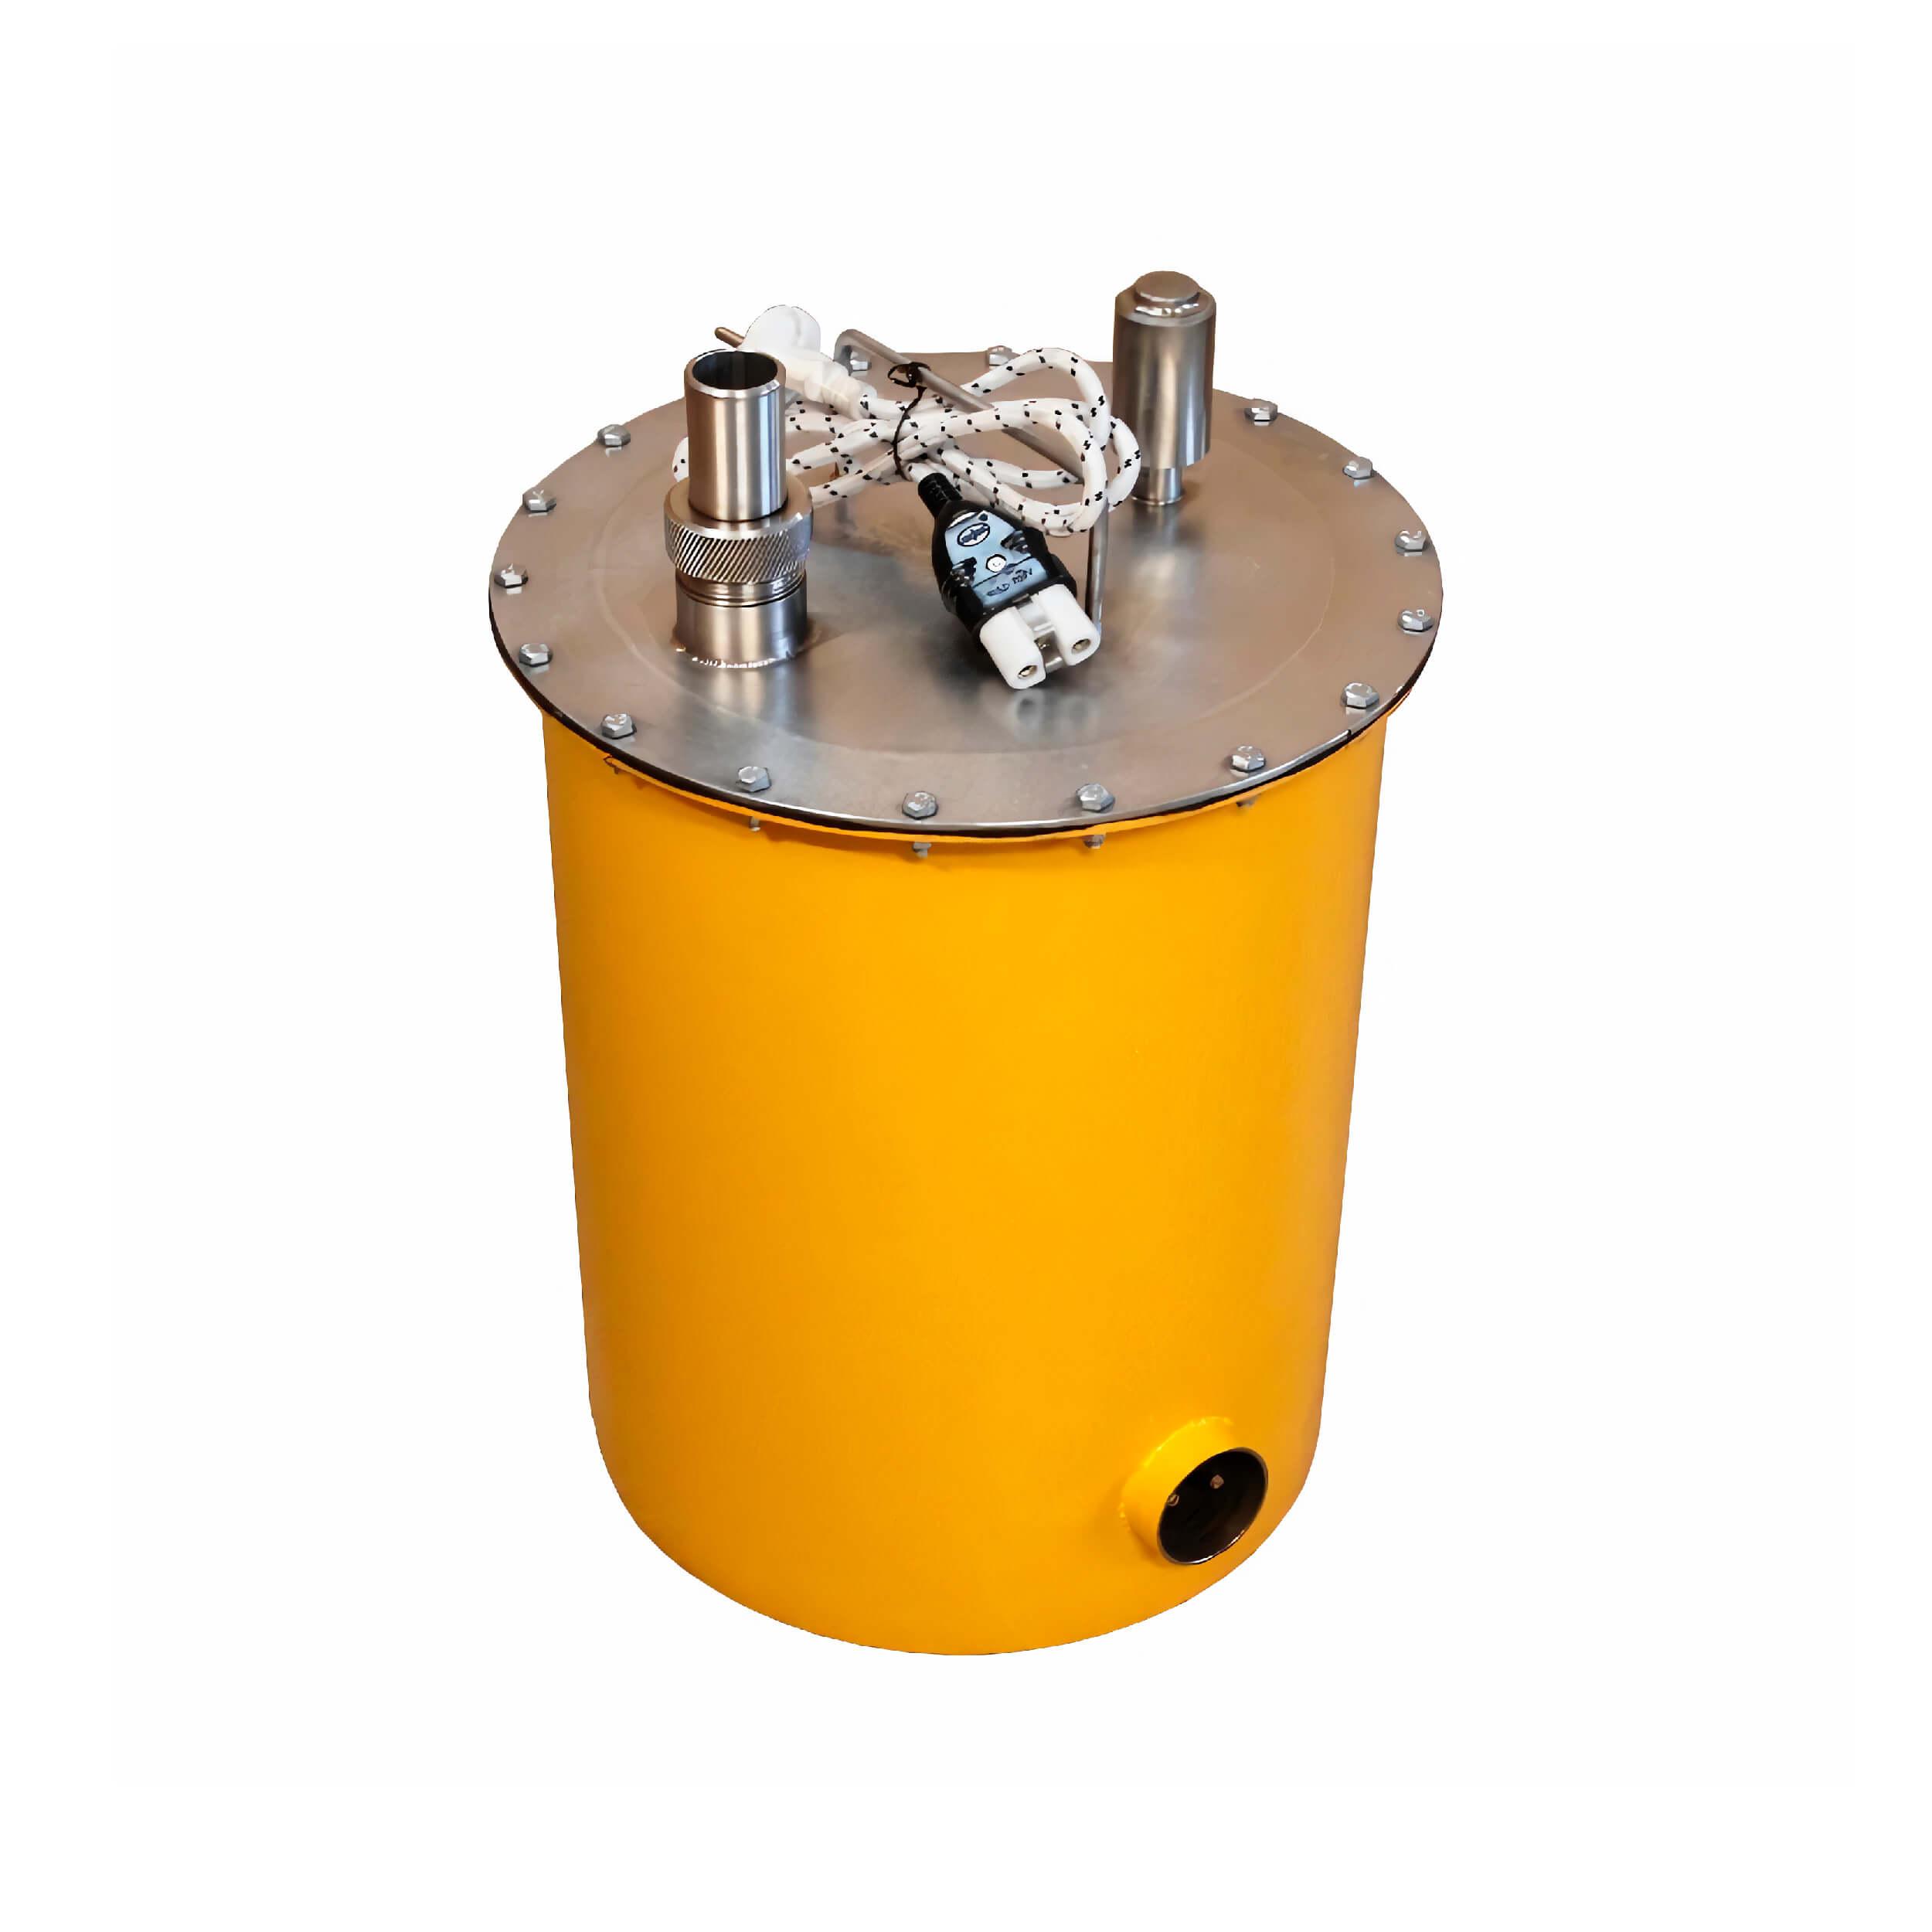 Парогенератор (2,0 кВт, 220В, Россия) фото